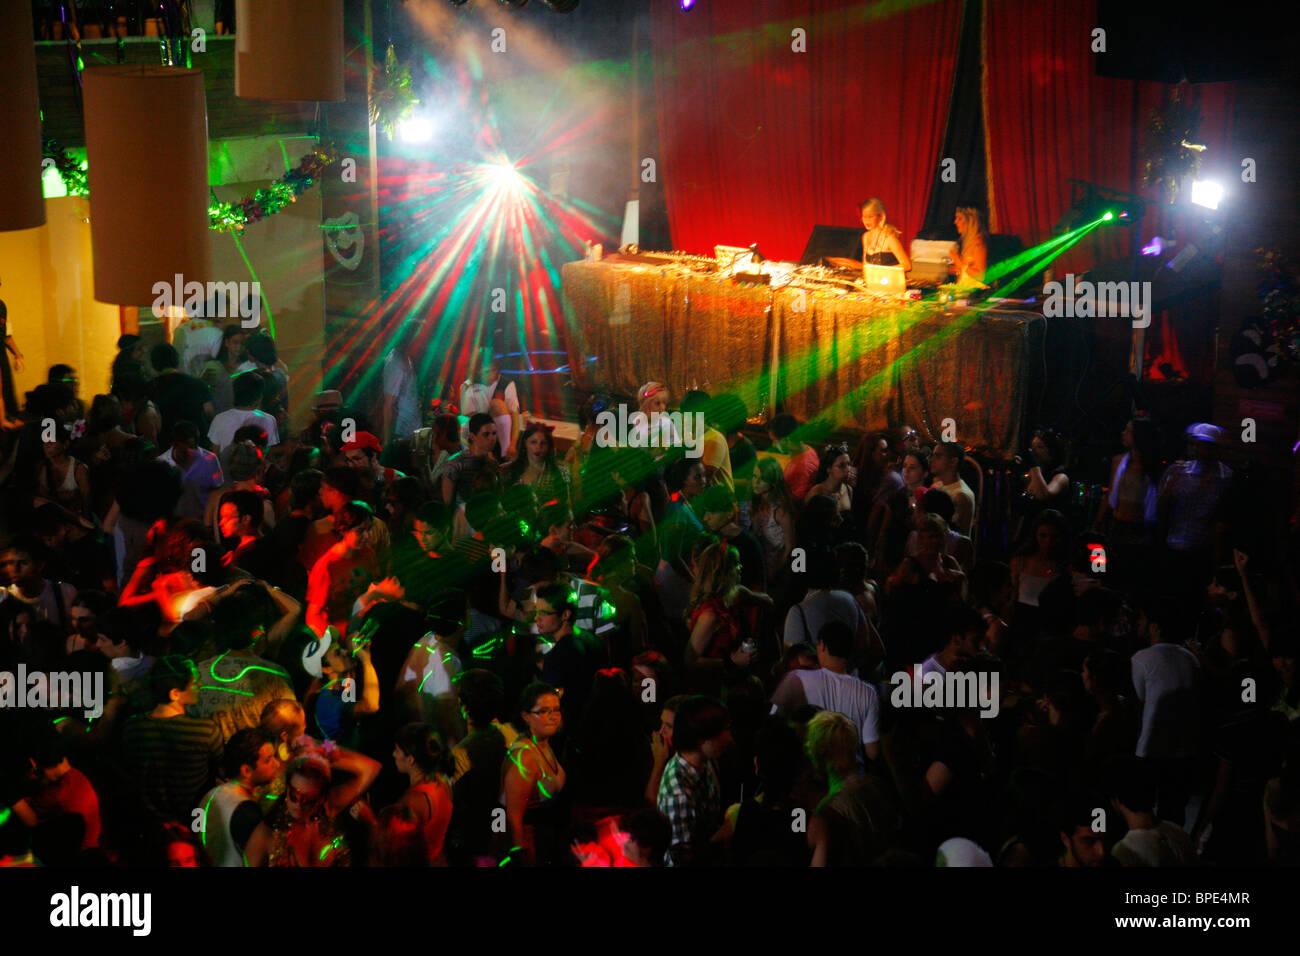 La Asa Branca night club nella zona di Lapa, Rio de Janeiro, Brasile. Immagini Stock